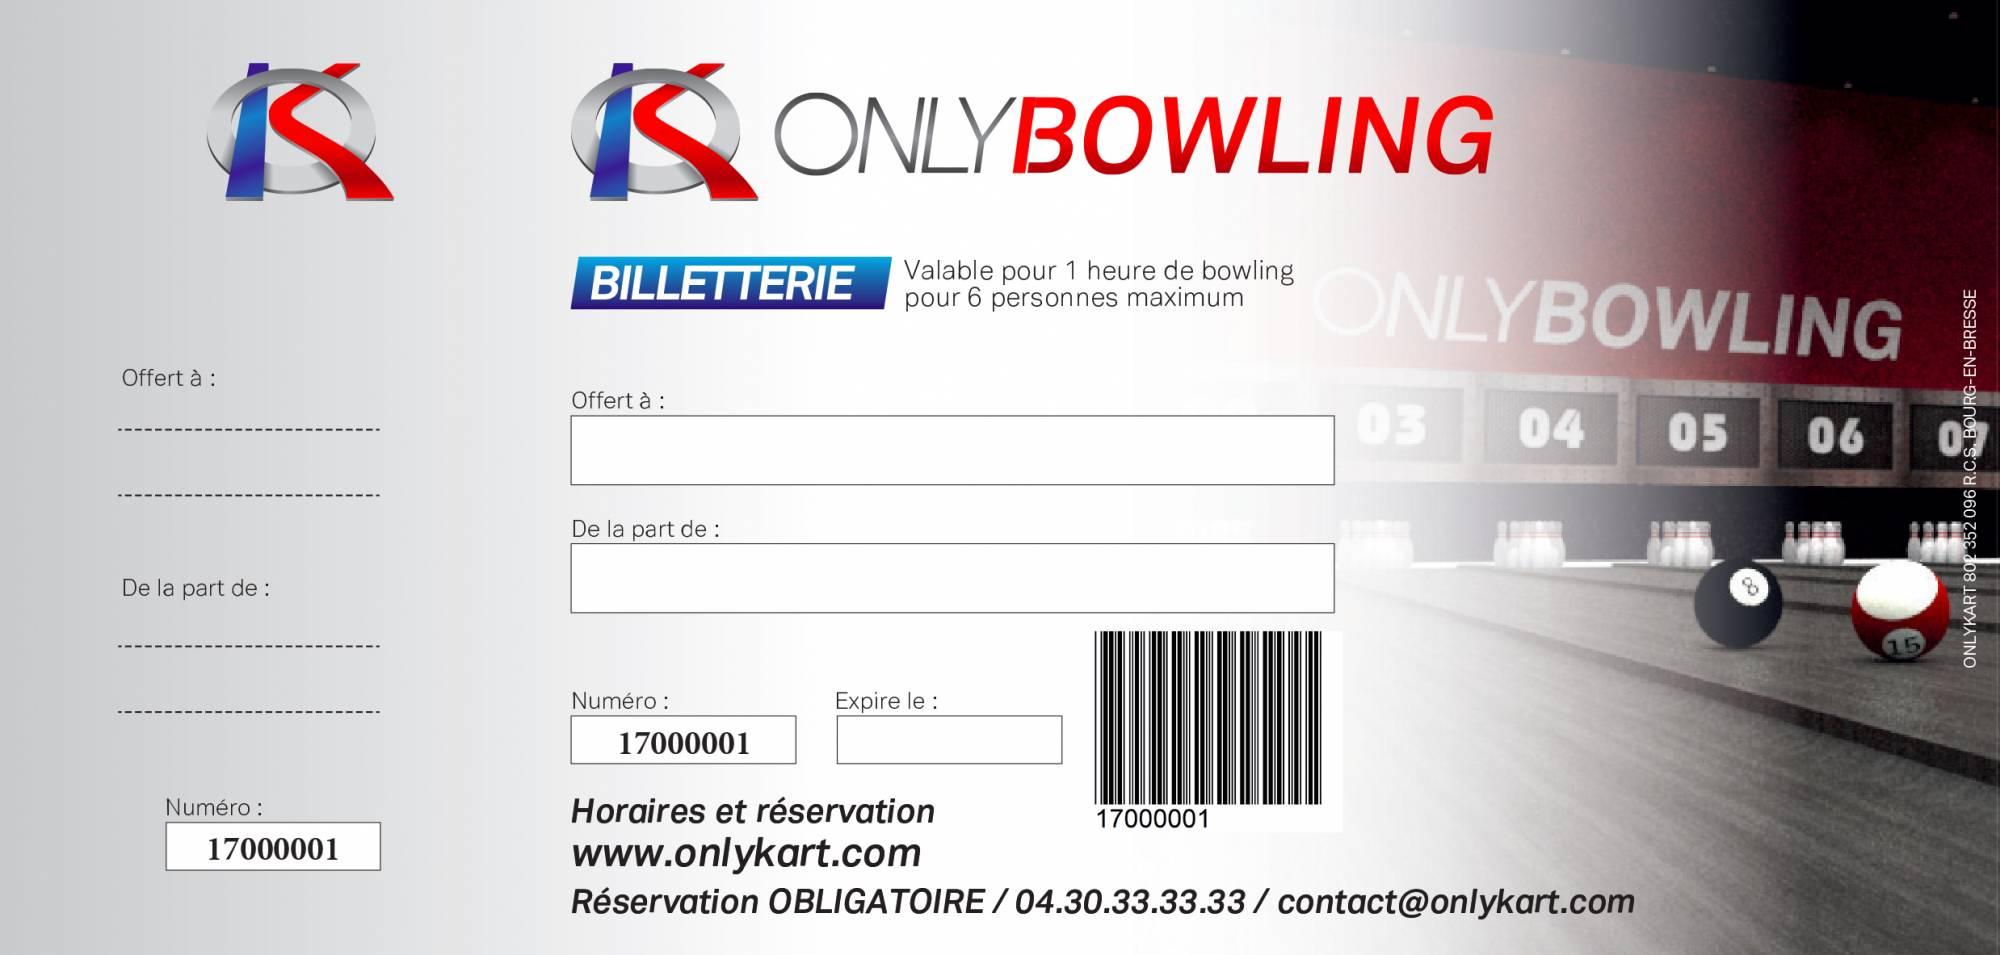 chéquier bowling lyon tarif spécial CE